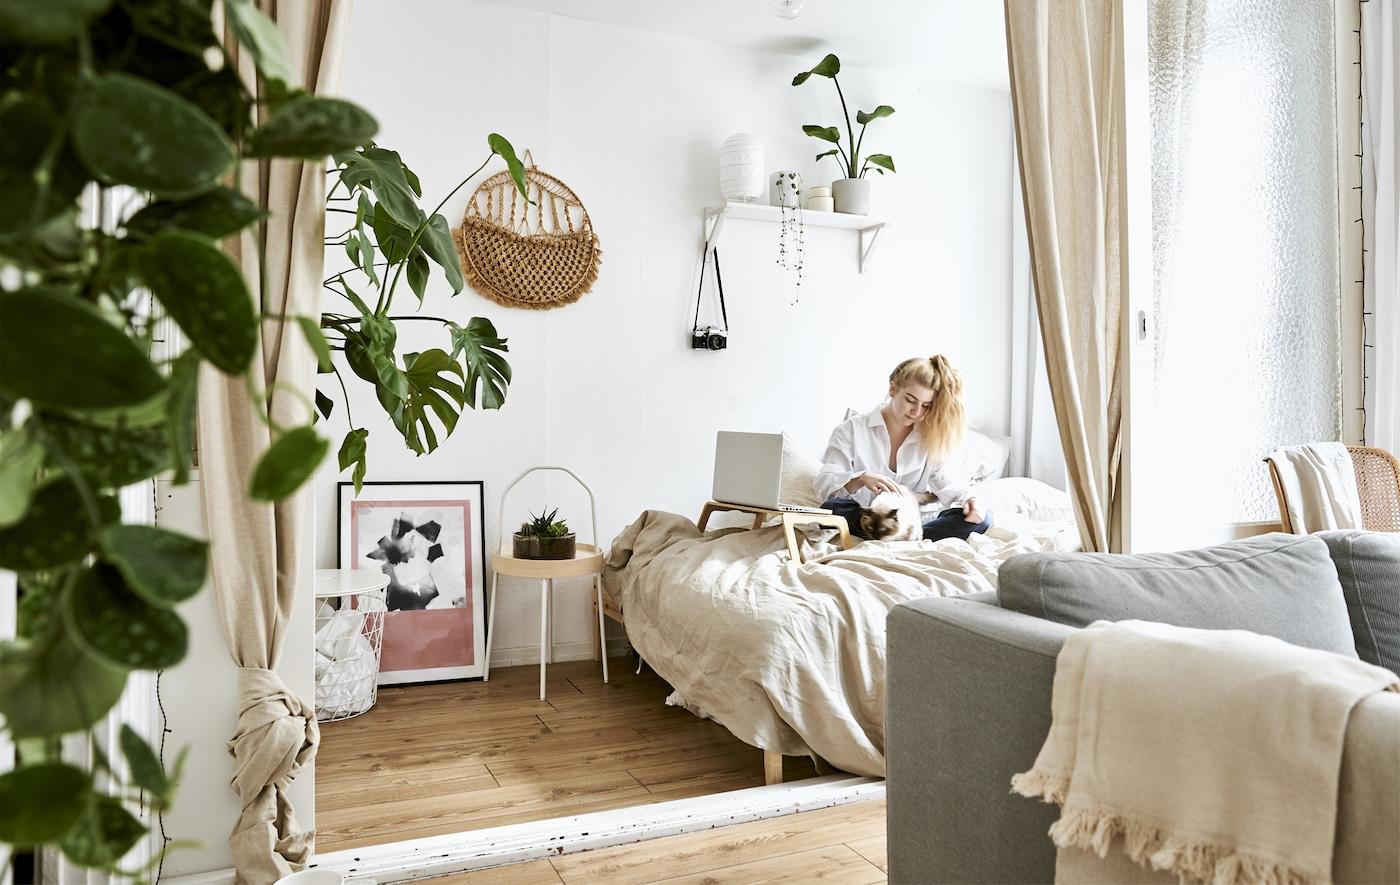 1-værelses opholds- og soveområde med sofa, seng og gardiner med gardinbånd.